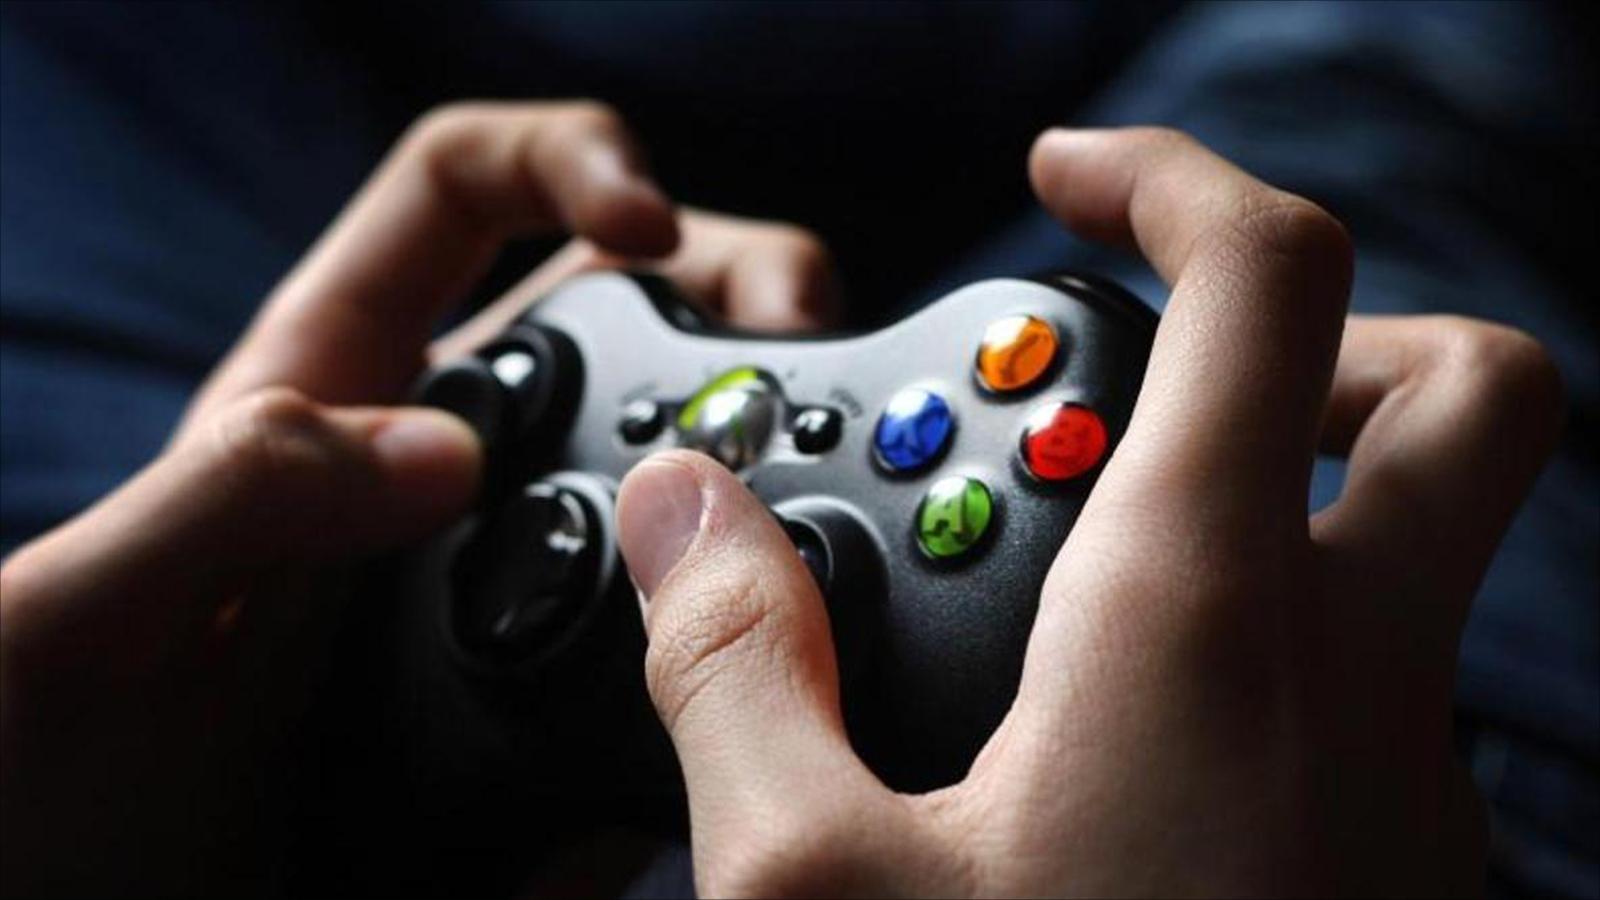 كوريا الجنوبية تبحث تصنيف إدمان الألعاب على الإنترنت كاضطراب عقلي